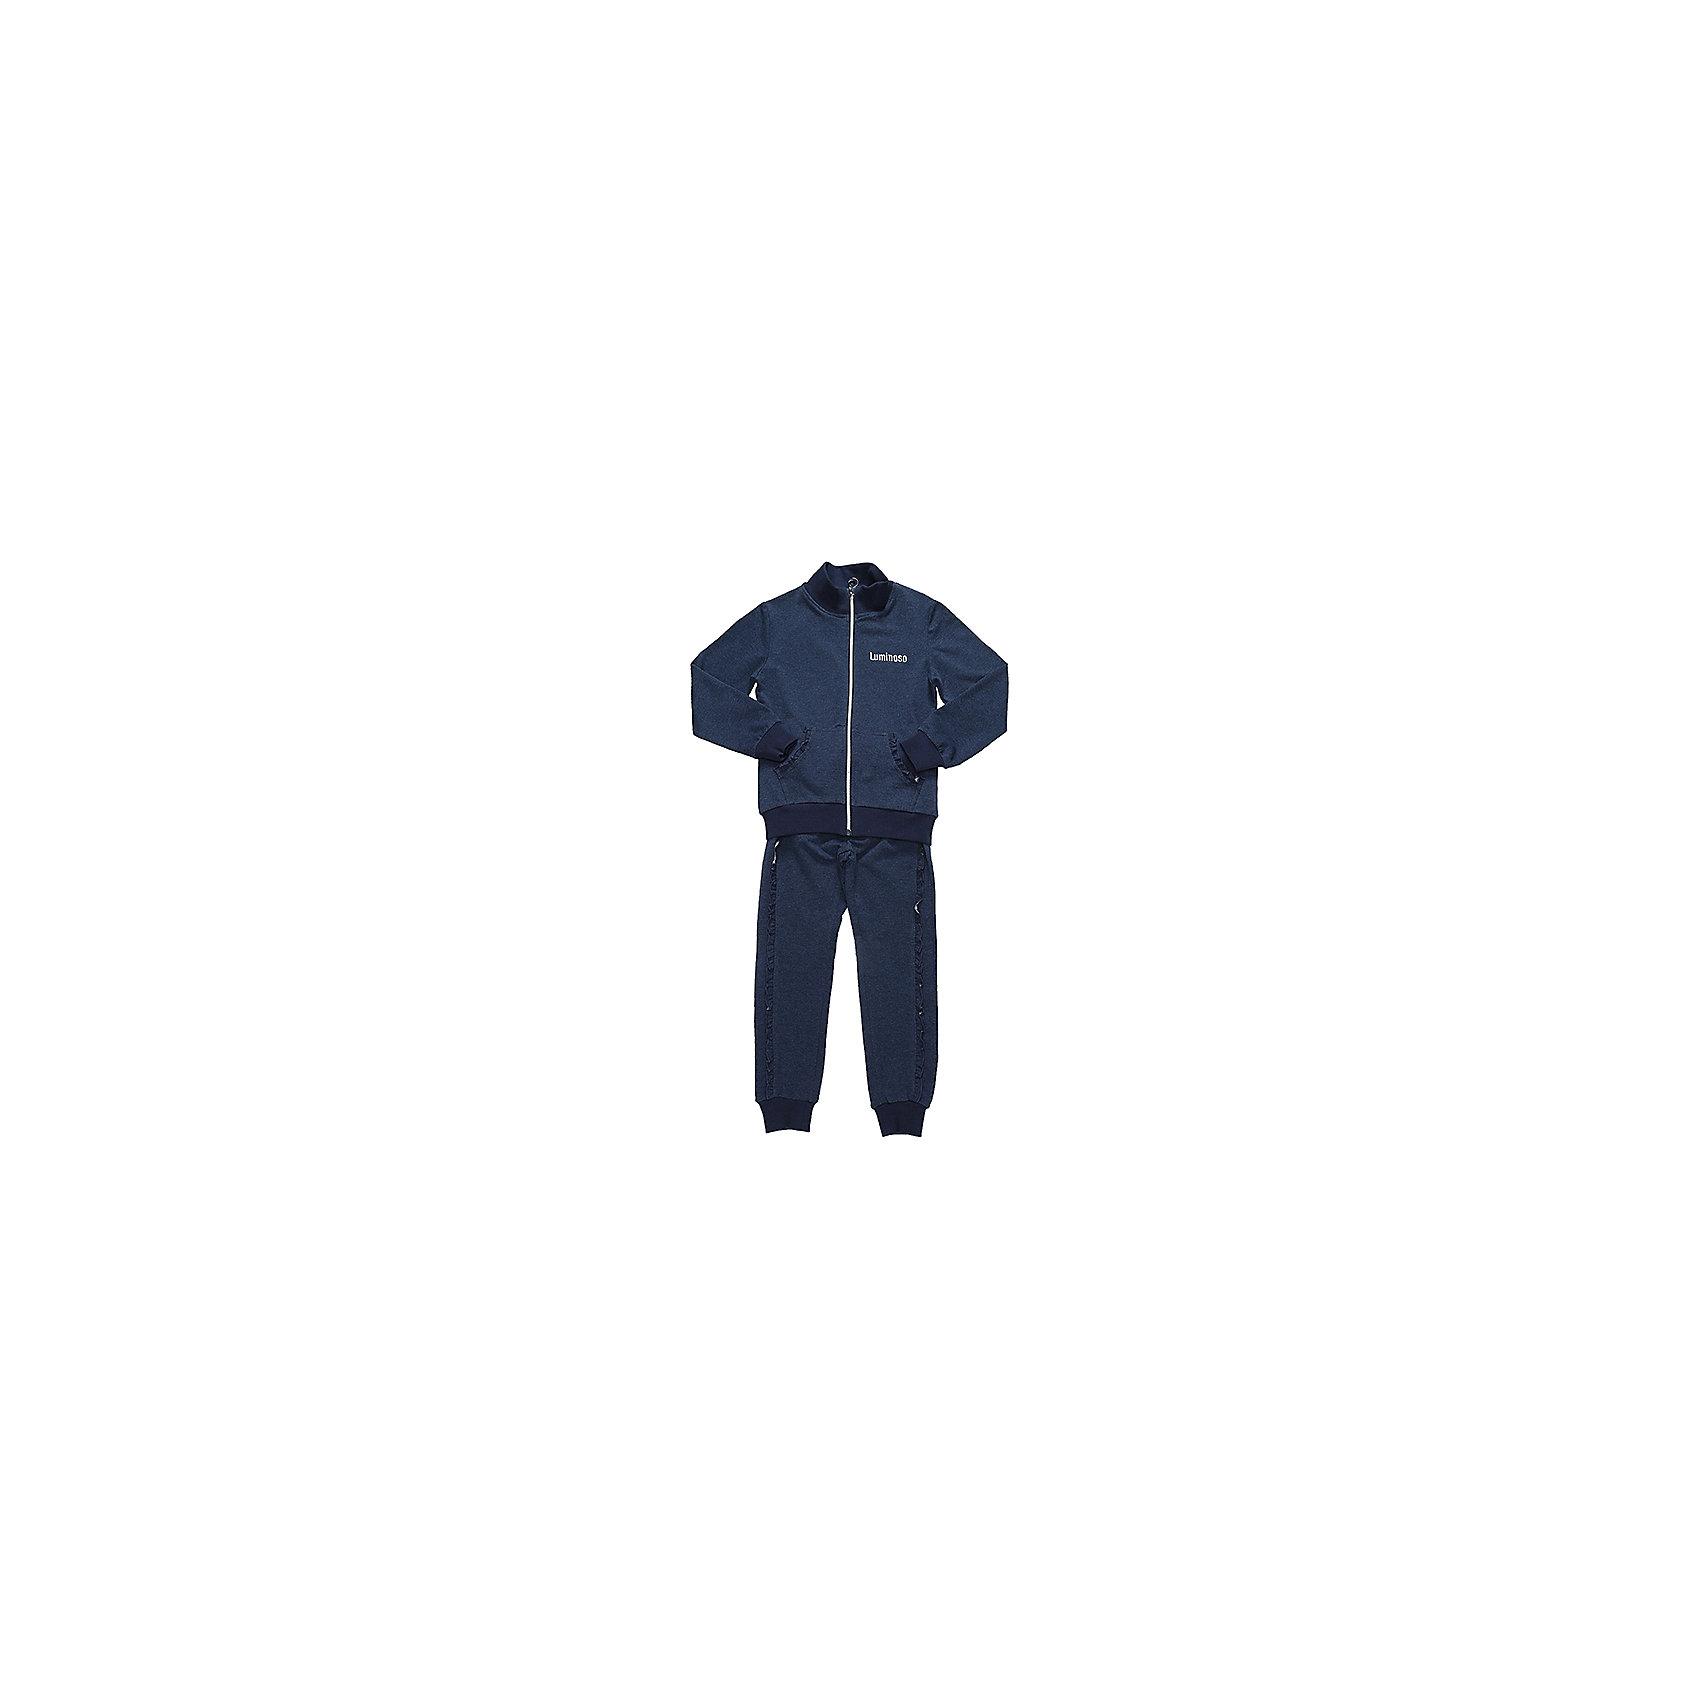 Спортивный костюм для девочки LuminosoСпортивная форма<br>Характеристики товара:<br><br>• цвет: синий<br>• состав: 95% хлопок, 5% эластан<br>• для занятий физкультурой/спортом<br>• застежка: молния<br>• брюки на резинке<br>• дополнительный шнурок на талии брюк<br>• эластичные манжеты на рукавах и внизу брючин<br>• страна бренда: Россия<br>• страна производства: Китай<br><br>Спортивный костюм для девочки из трикотажой ткани темно-синего цвета. Кофта с длинным рукавом и вороником стойкой дополнена двумя накладными карманами. Застегижка на молнии. Брюки с эластичным поясом дополнительно регулируется шнурком, штанины снизу собраны на мягкий манжет.<br><br>Спортивный костюм для девочки Luminoso (Люминосо) можно купить в нашем интернет-магазине.<br><br>Ширина мм: 247<br>Глубина мм: 16<br>Высота мм: 140<br>Вес г: 225<br>Цвет: синий<br>Возраст от месяцев: 132<br>Возраст до месяцев: 144<br>Пол: Женский<br>Возраст: Детский<br>Размер: 152,158,164,134,140,146,122,128<br>SKU: 6672146